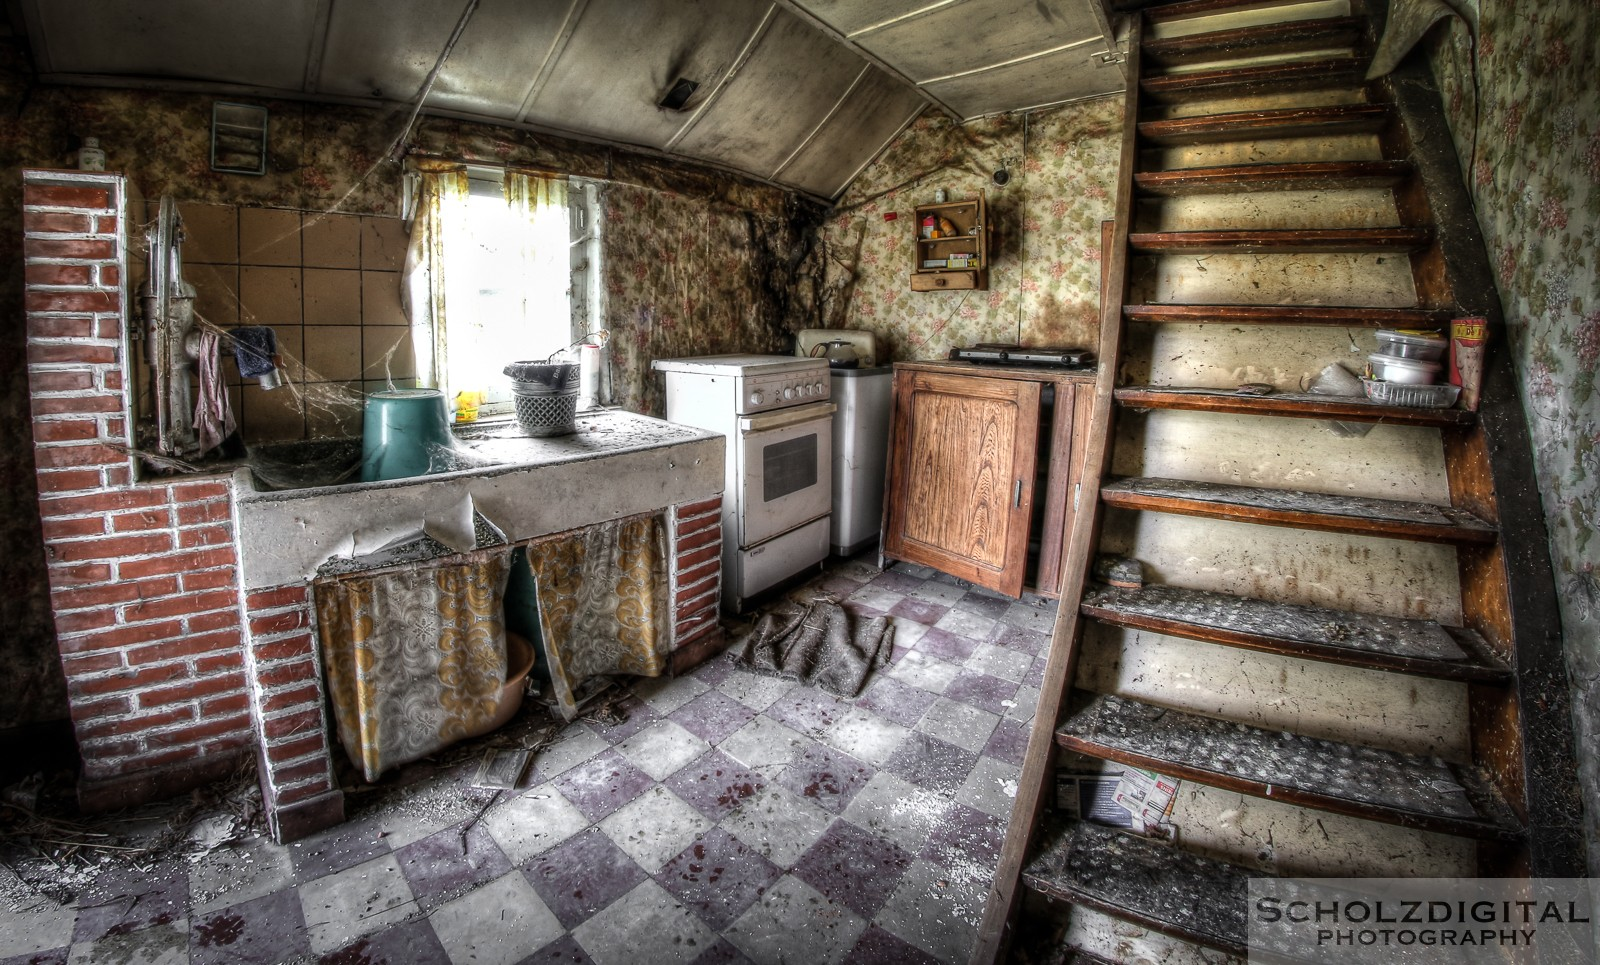 Maison Schimmelpenninck - verlassener Bauernhof in Belgien - Lost Place Urbex